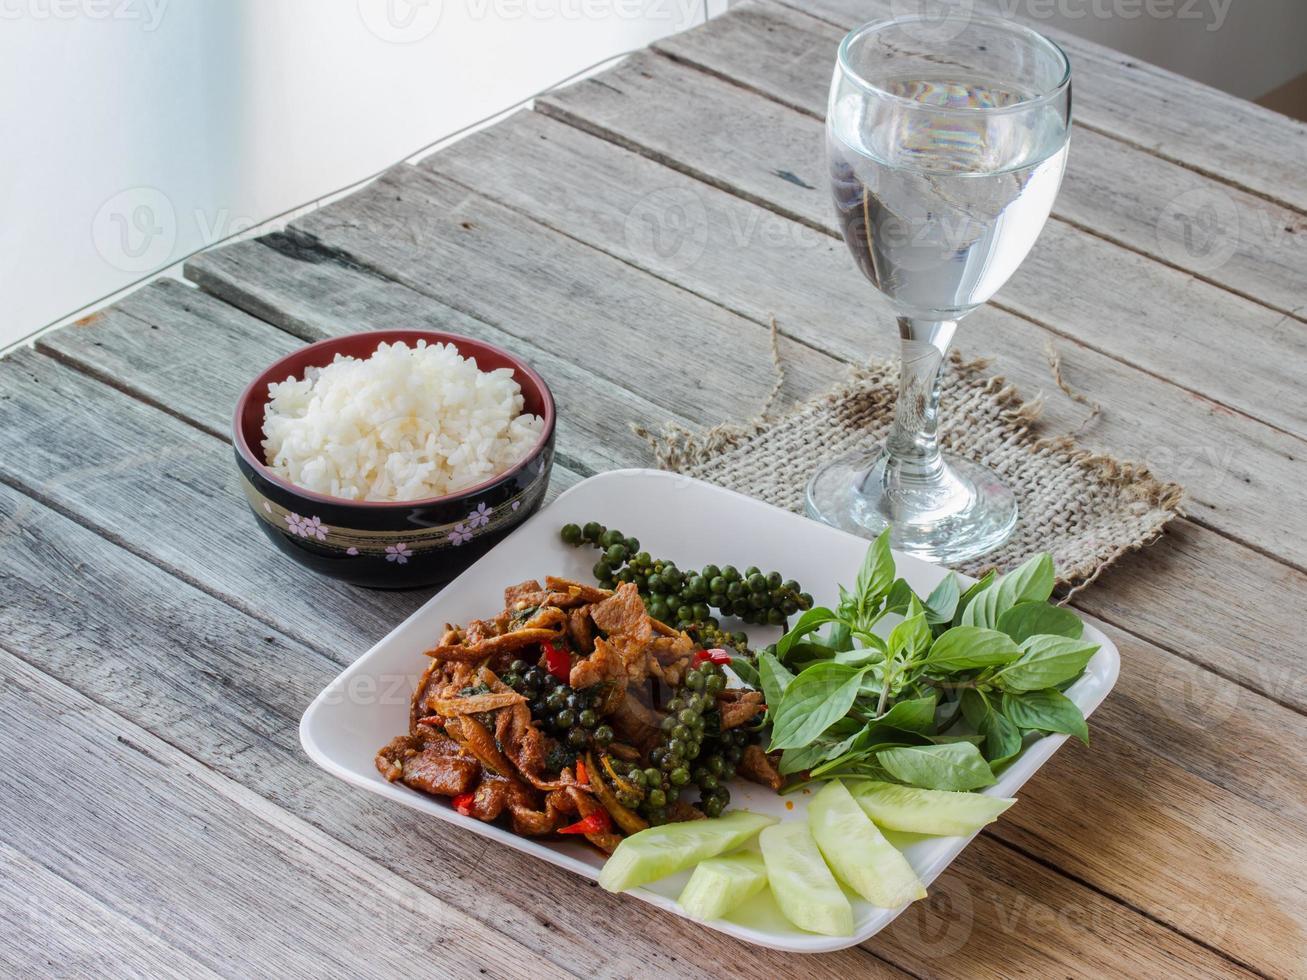 roergebakken met pittig, thais eten, rijst in beker en water foto